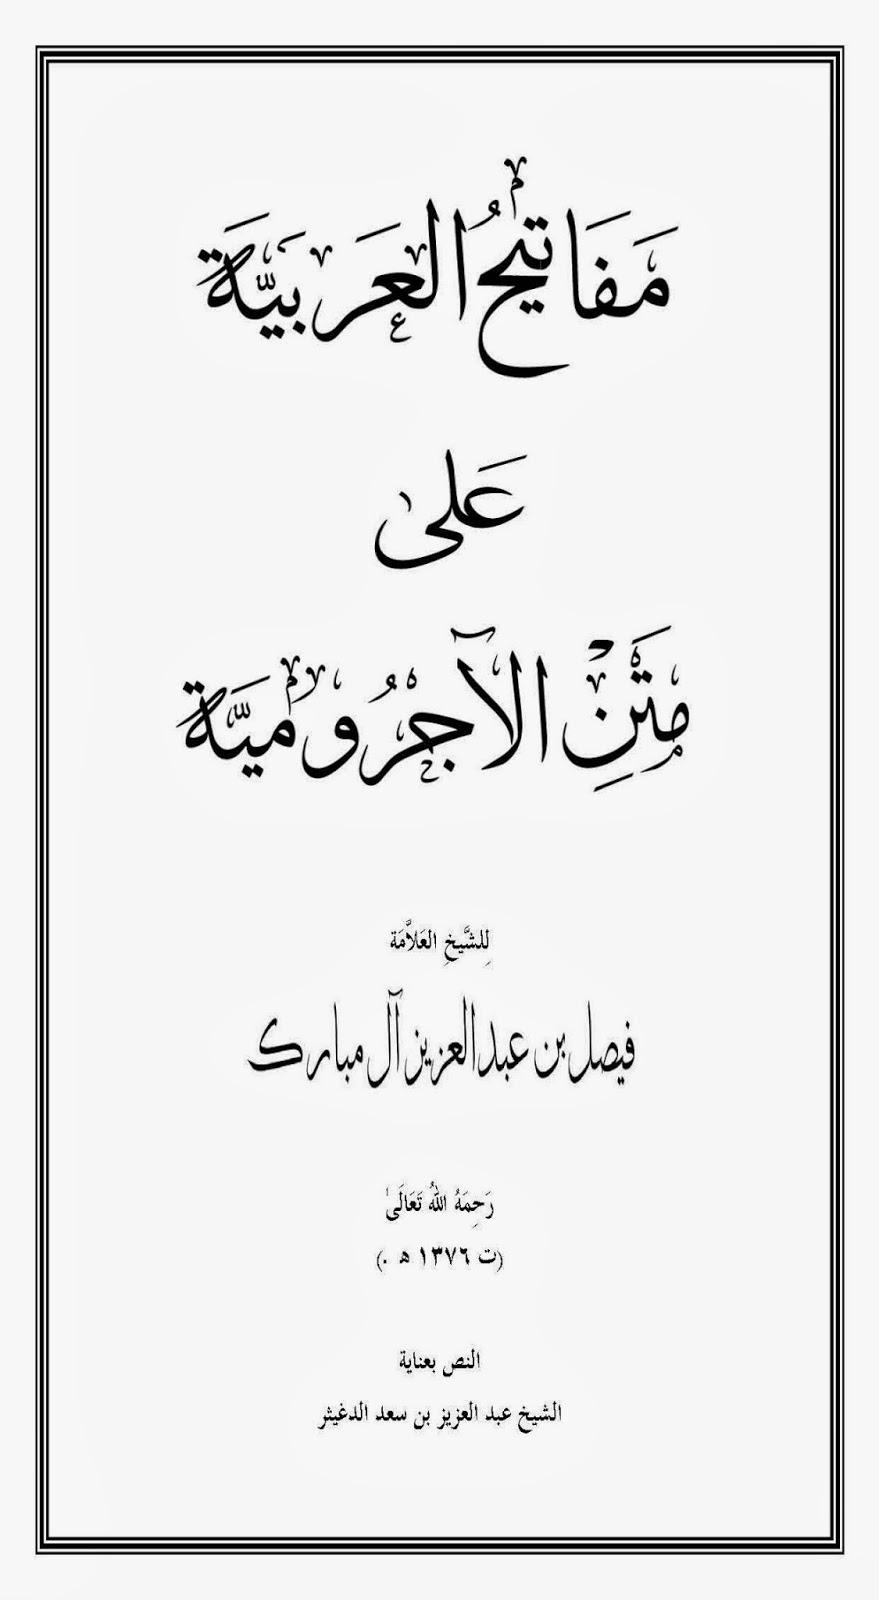 مفاتيح العربية على متن الآجرومية - فيصل آل مبارك